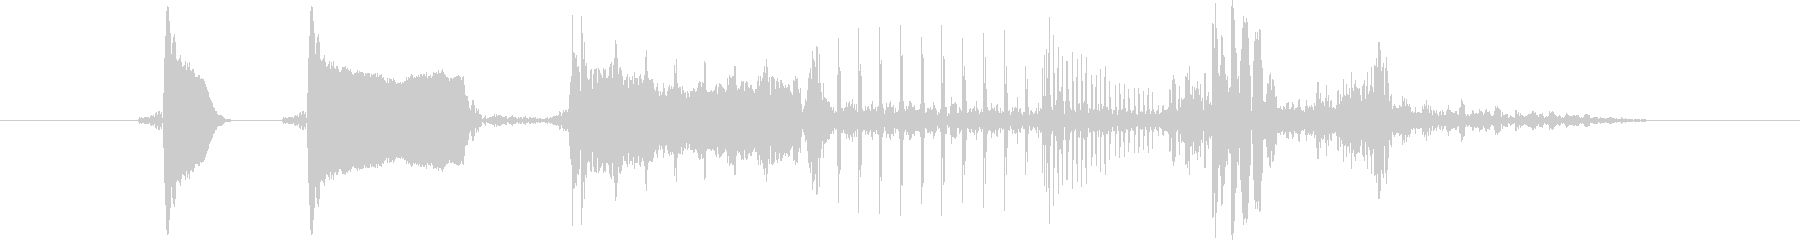 ピロリ!決定/ボタン/クリック効果音25の未再生の波形